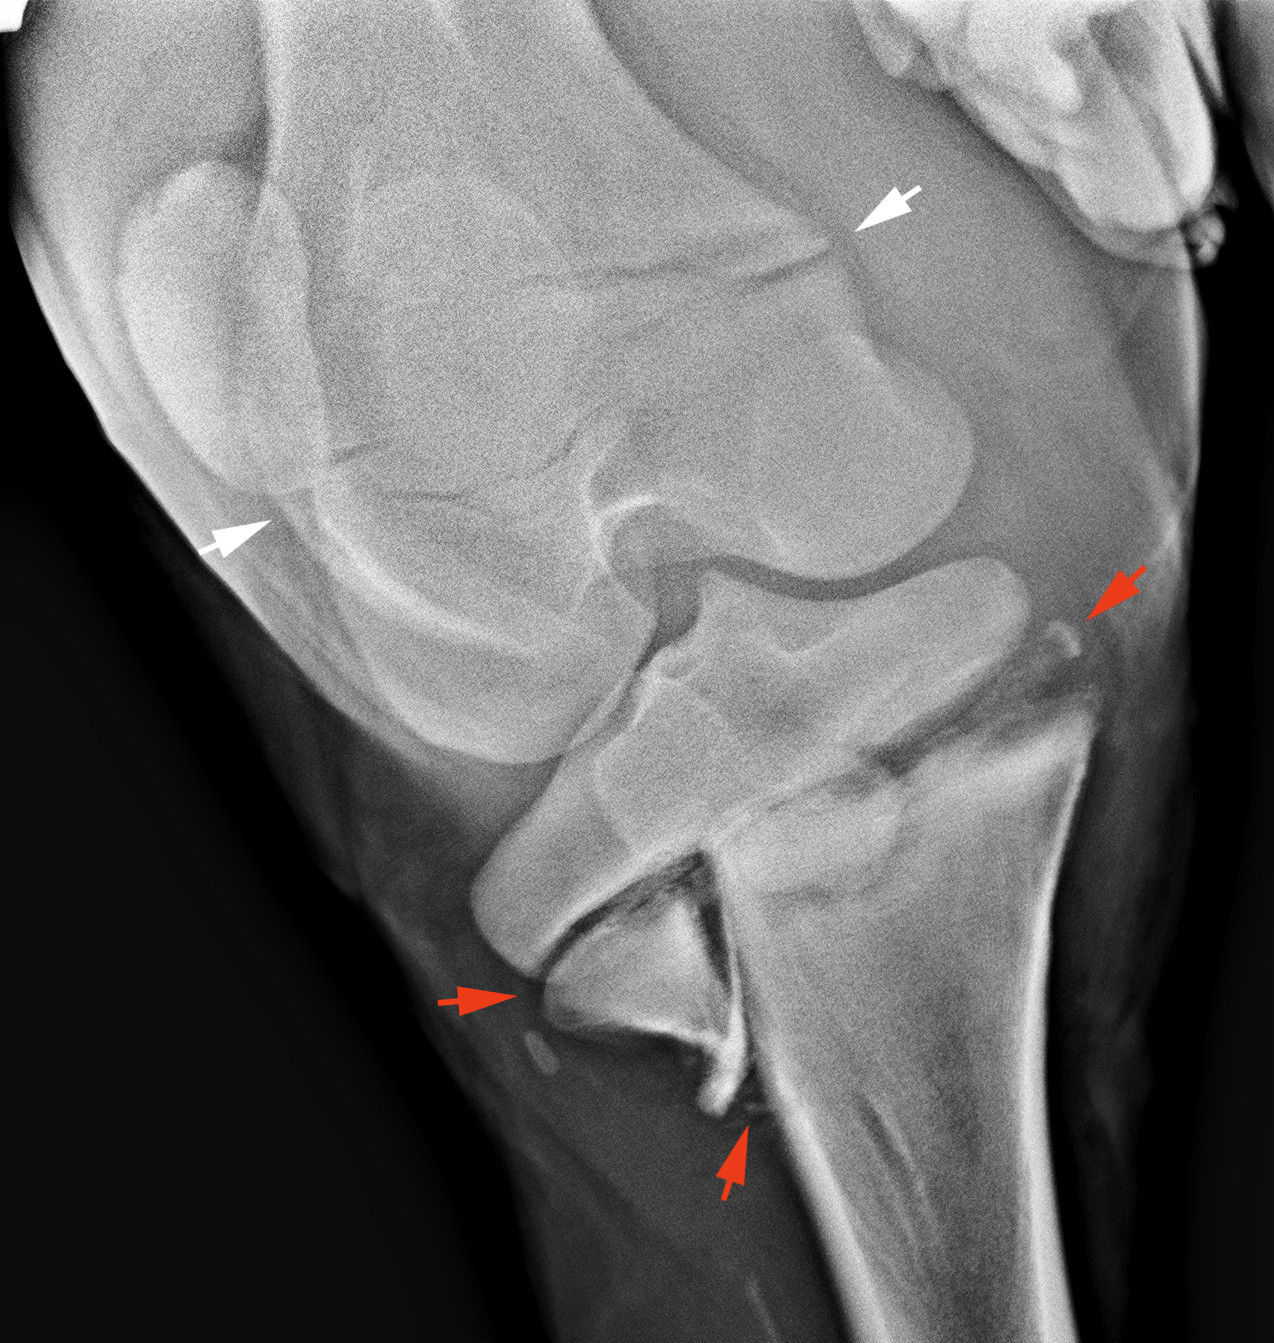 Csonttörés gyógyulás serkentése mágnesterápia segítségével